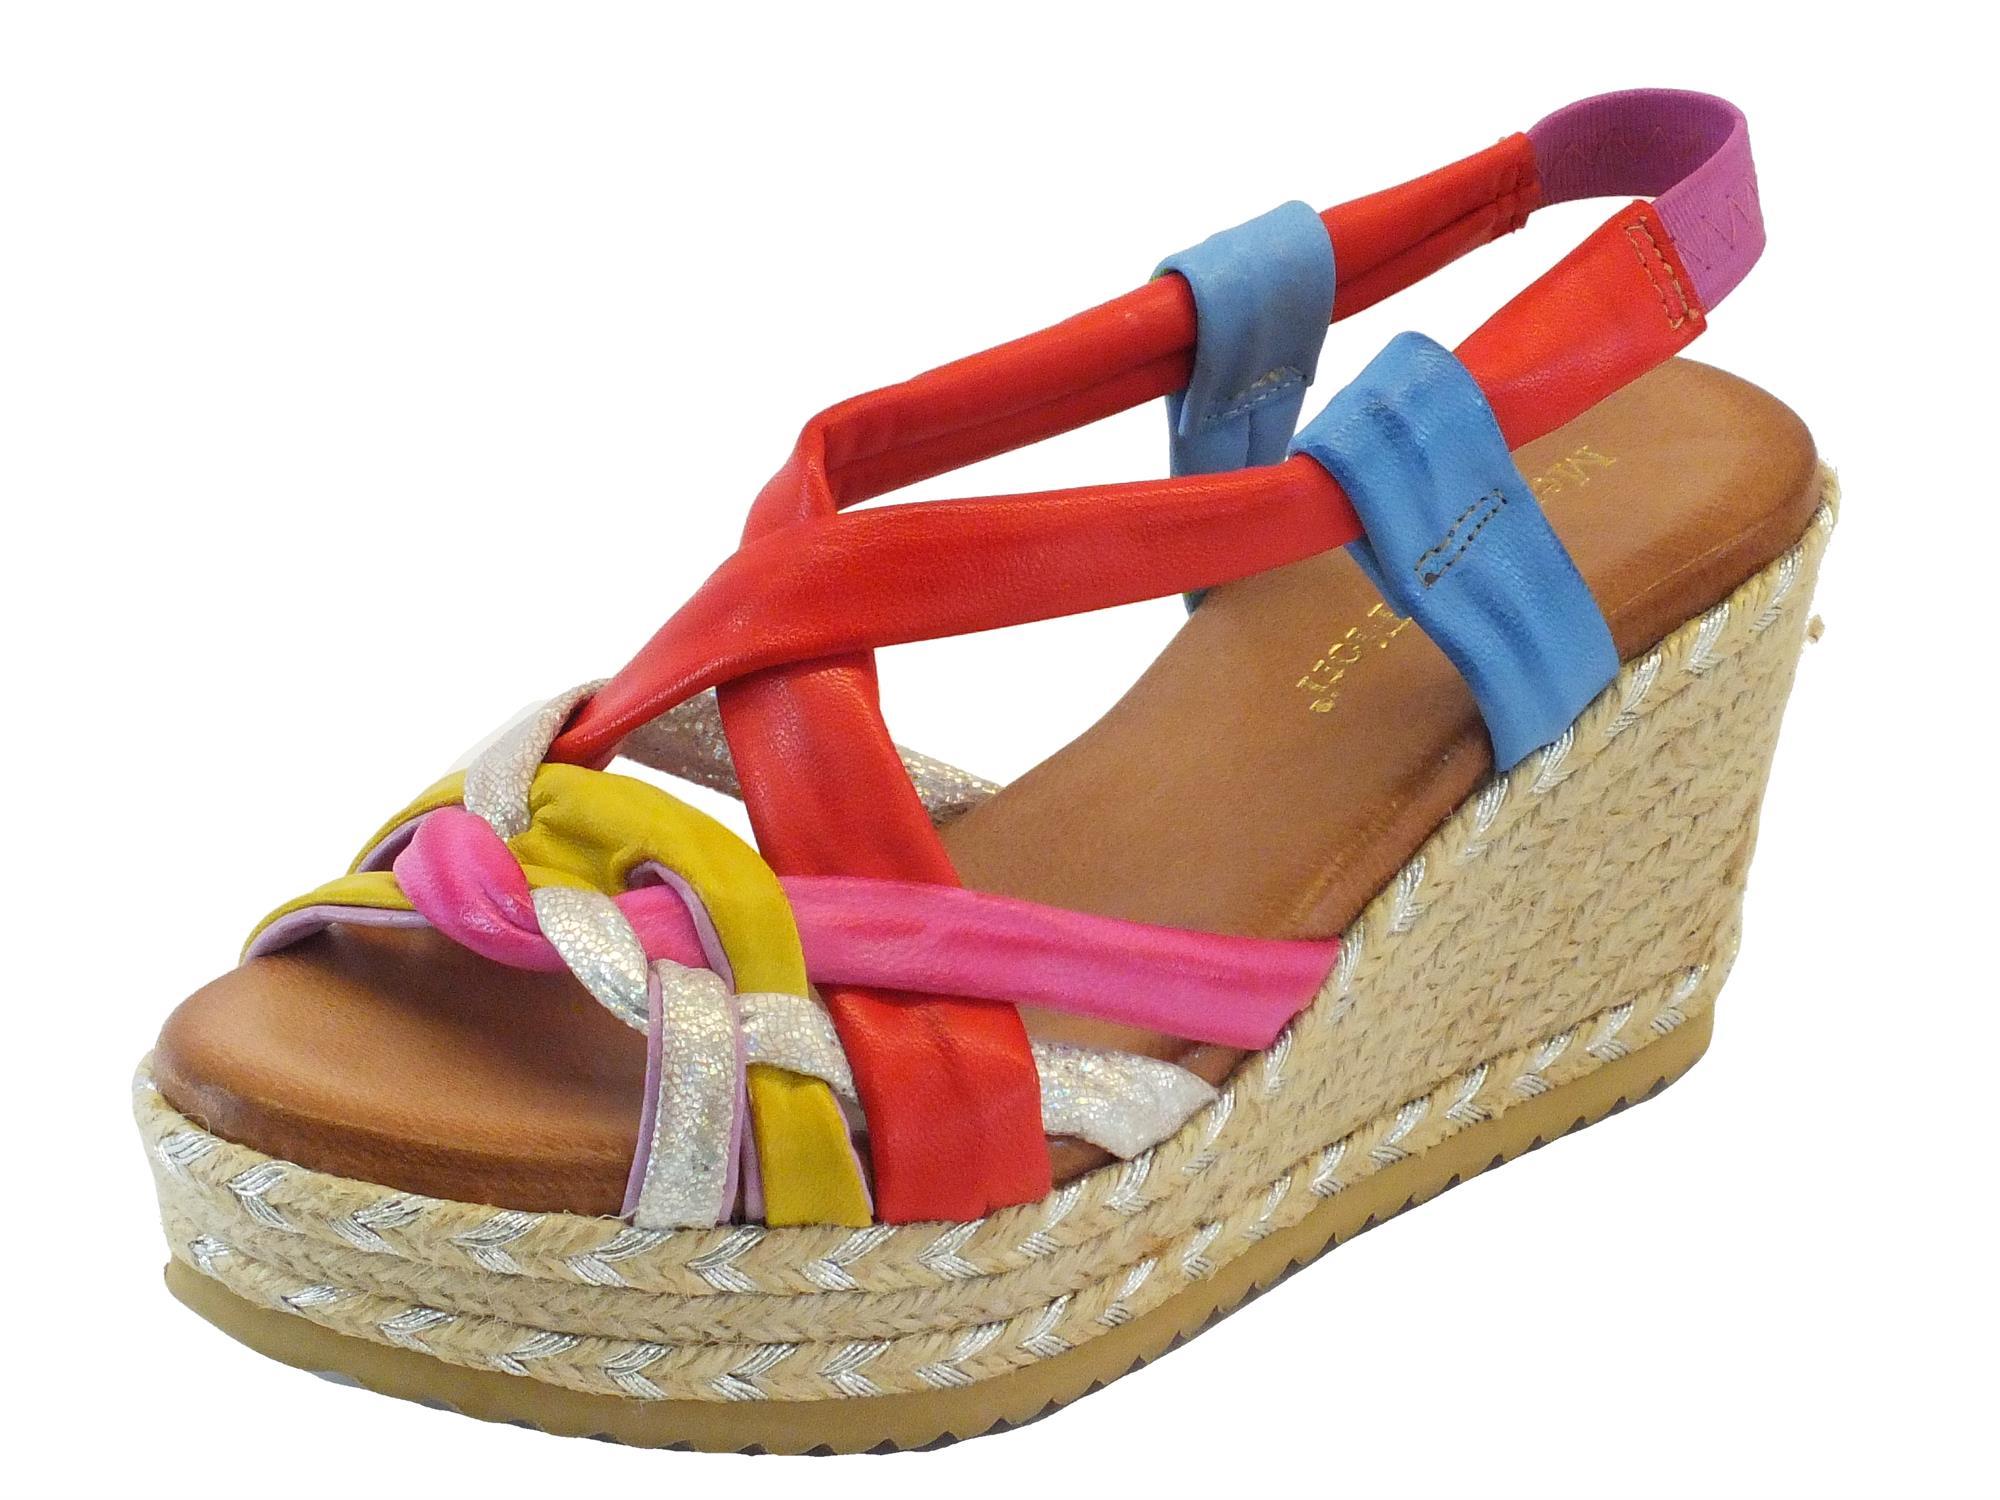 Sandali multicolore per donna Toms Z7lC5VOhO